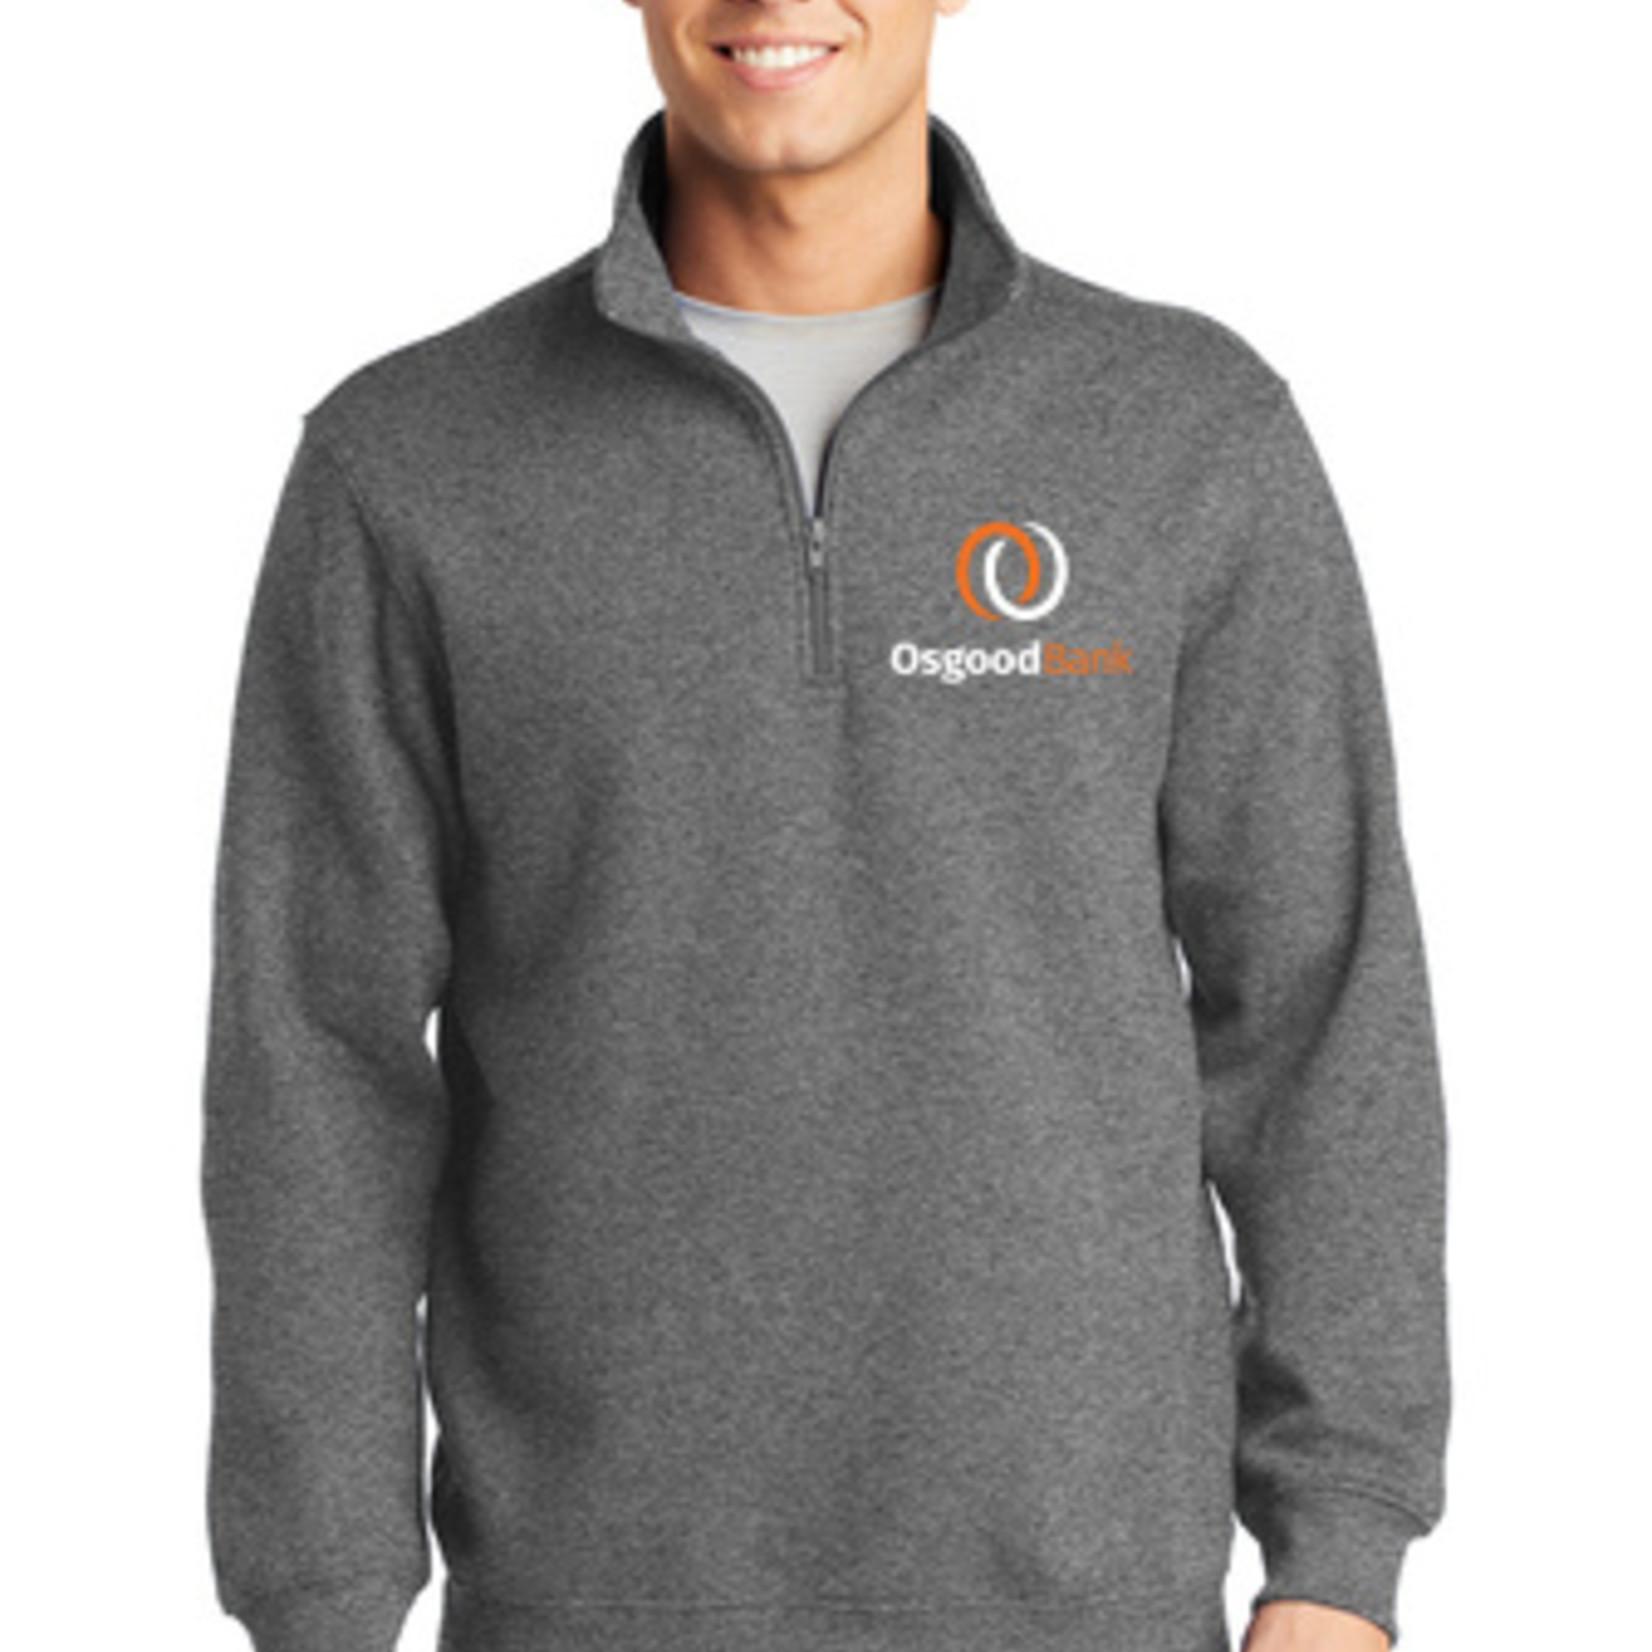 Sport Tek 1/4 Zip Sweatshirt ST253